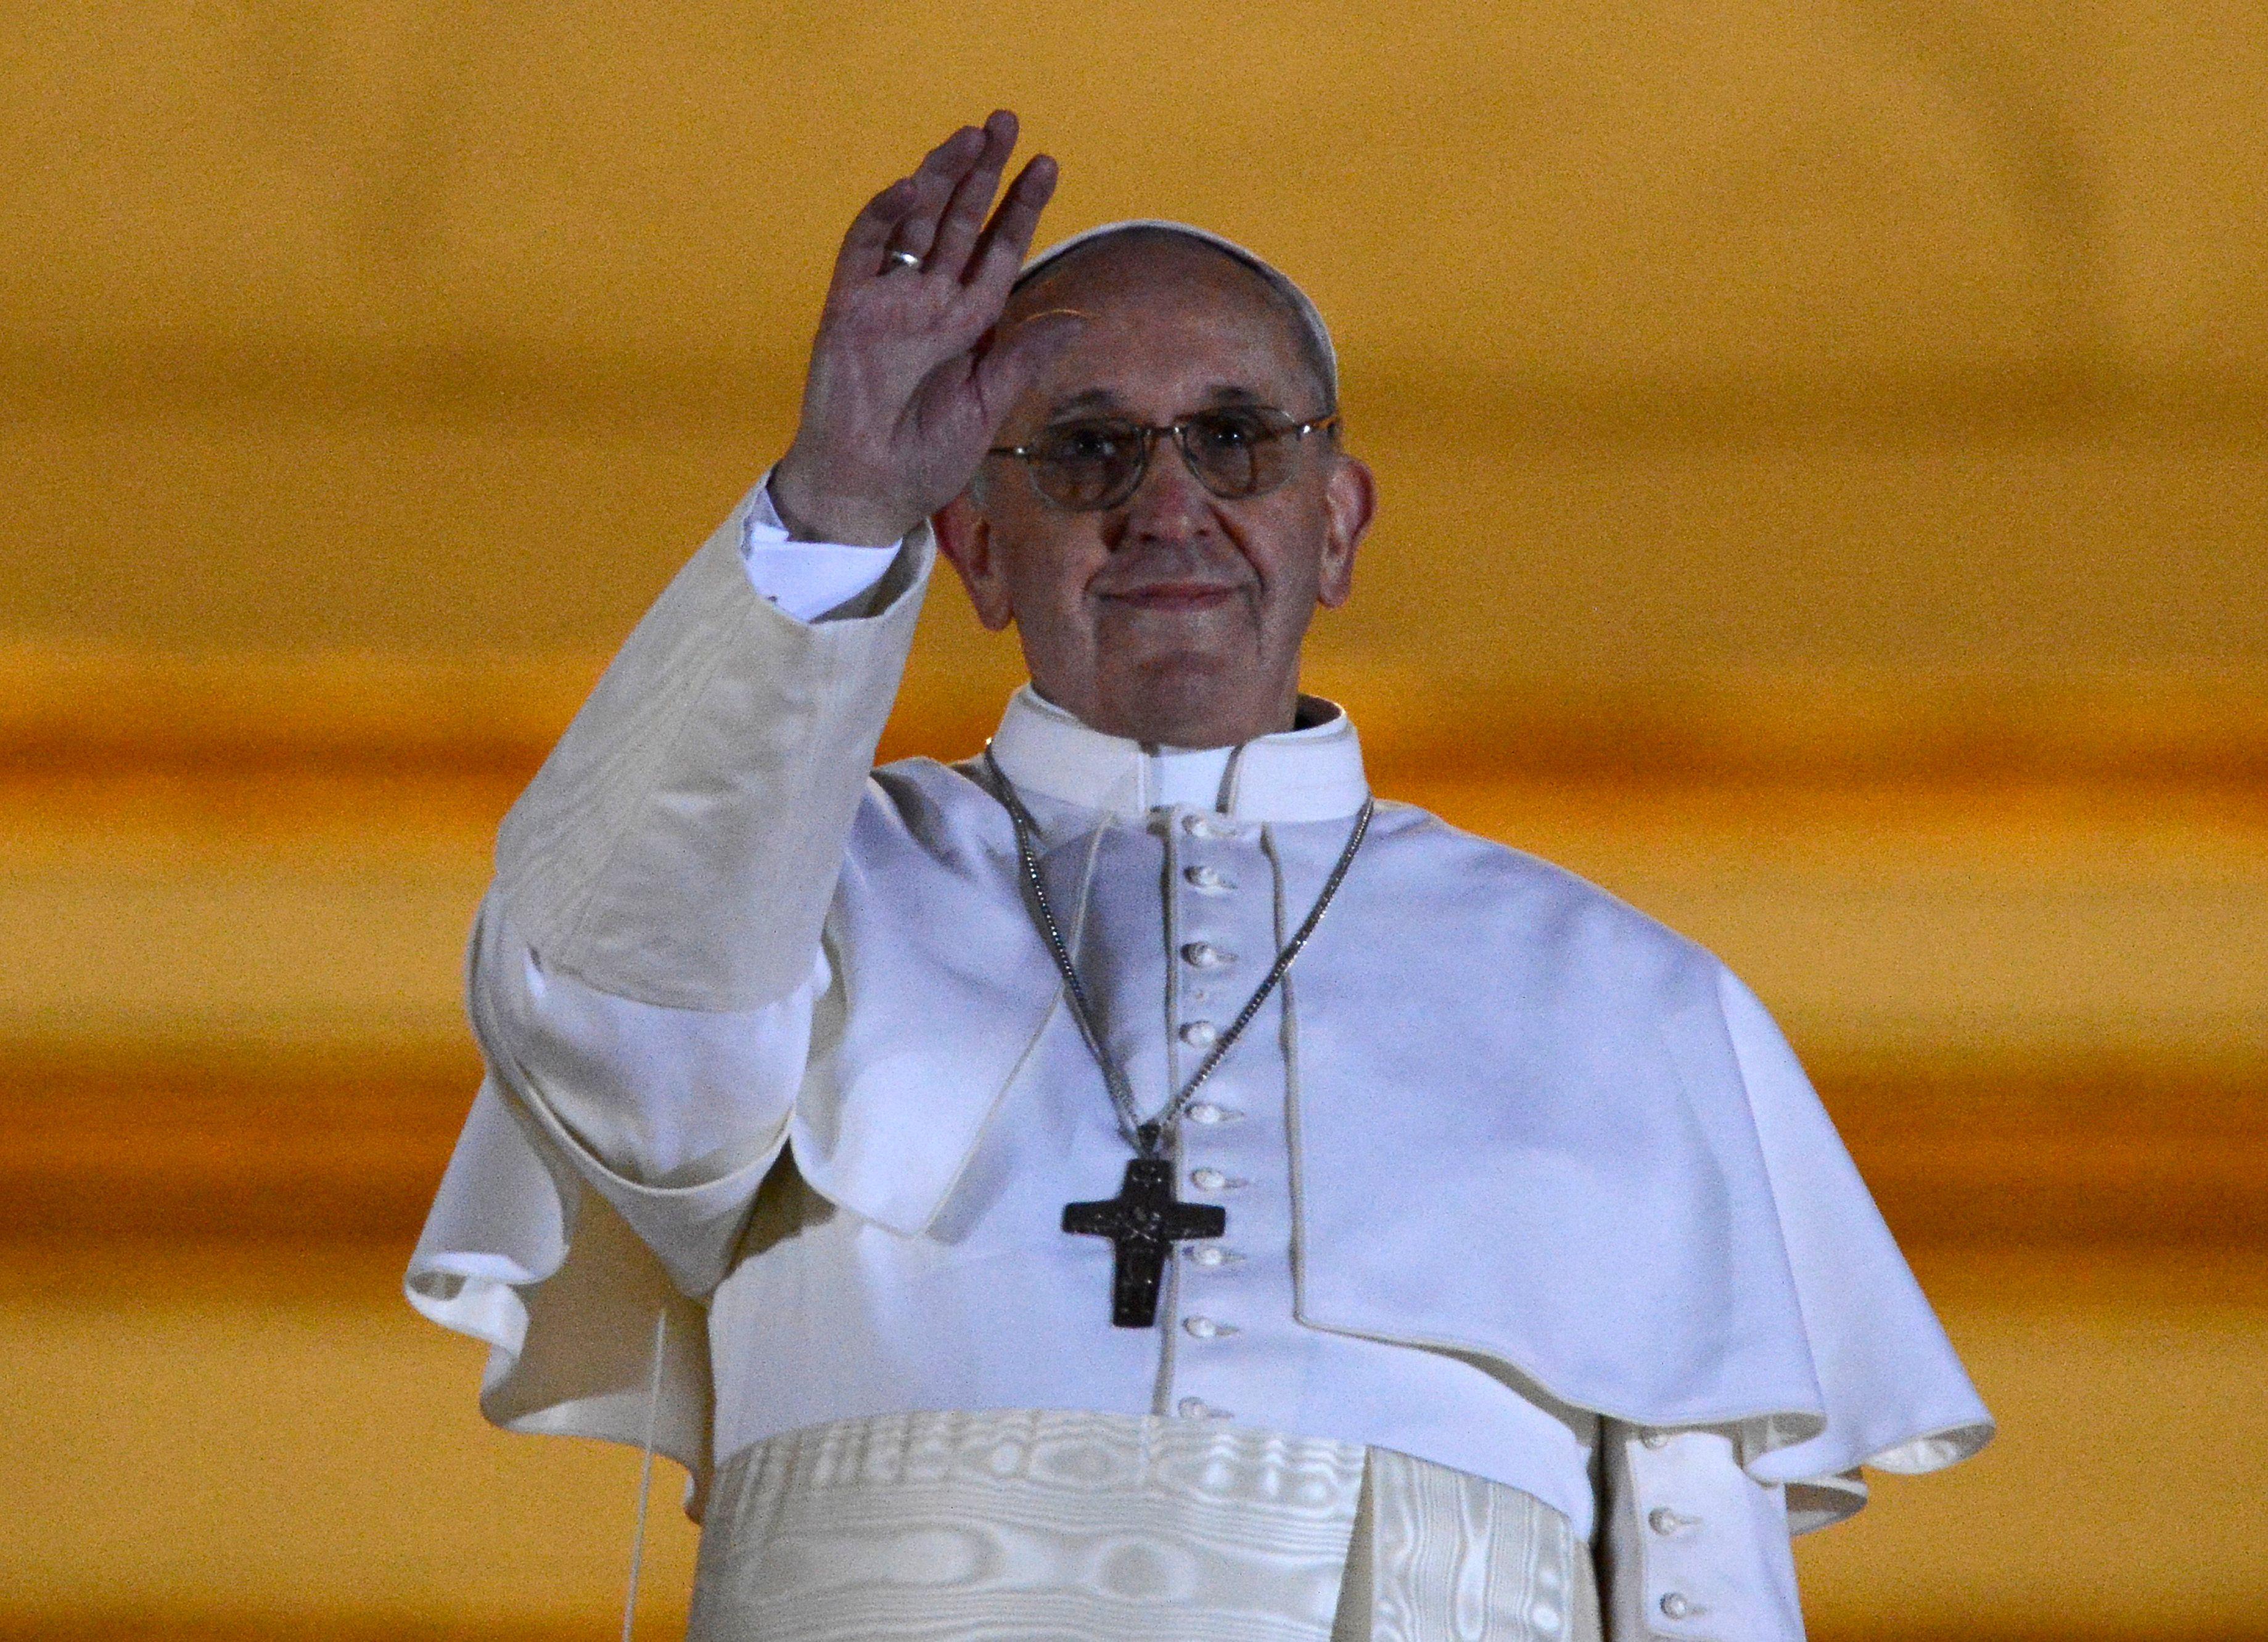 Le pape François a lancé des appels à la paix